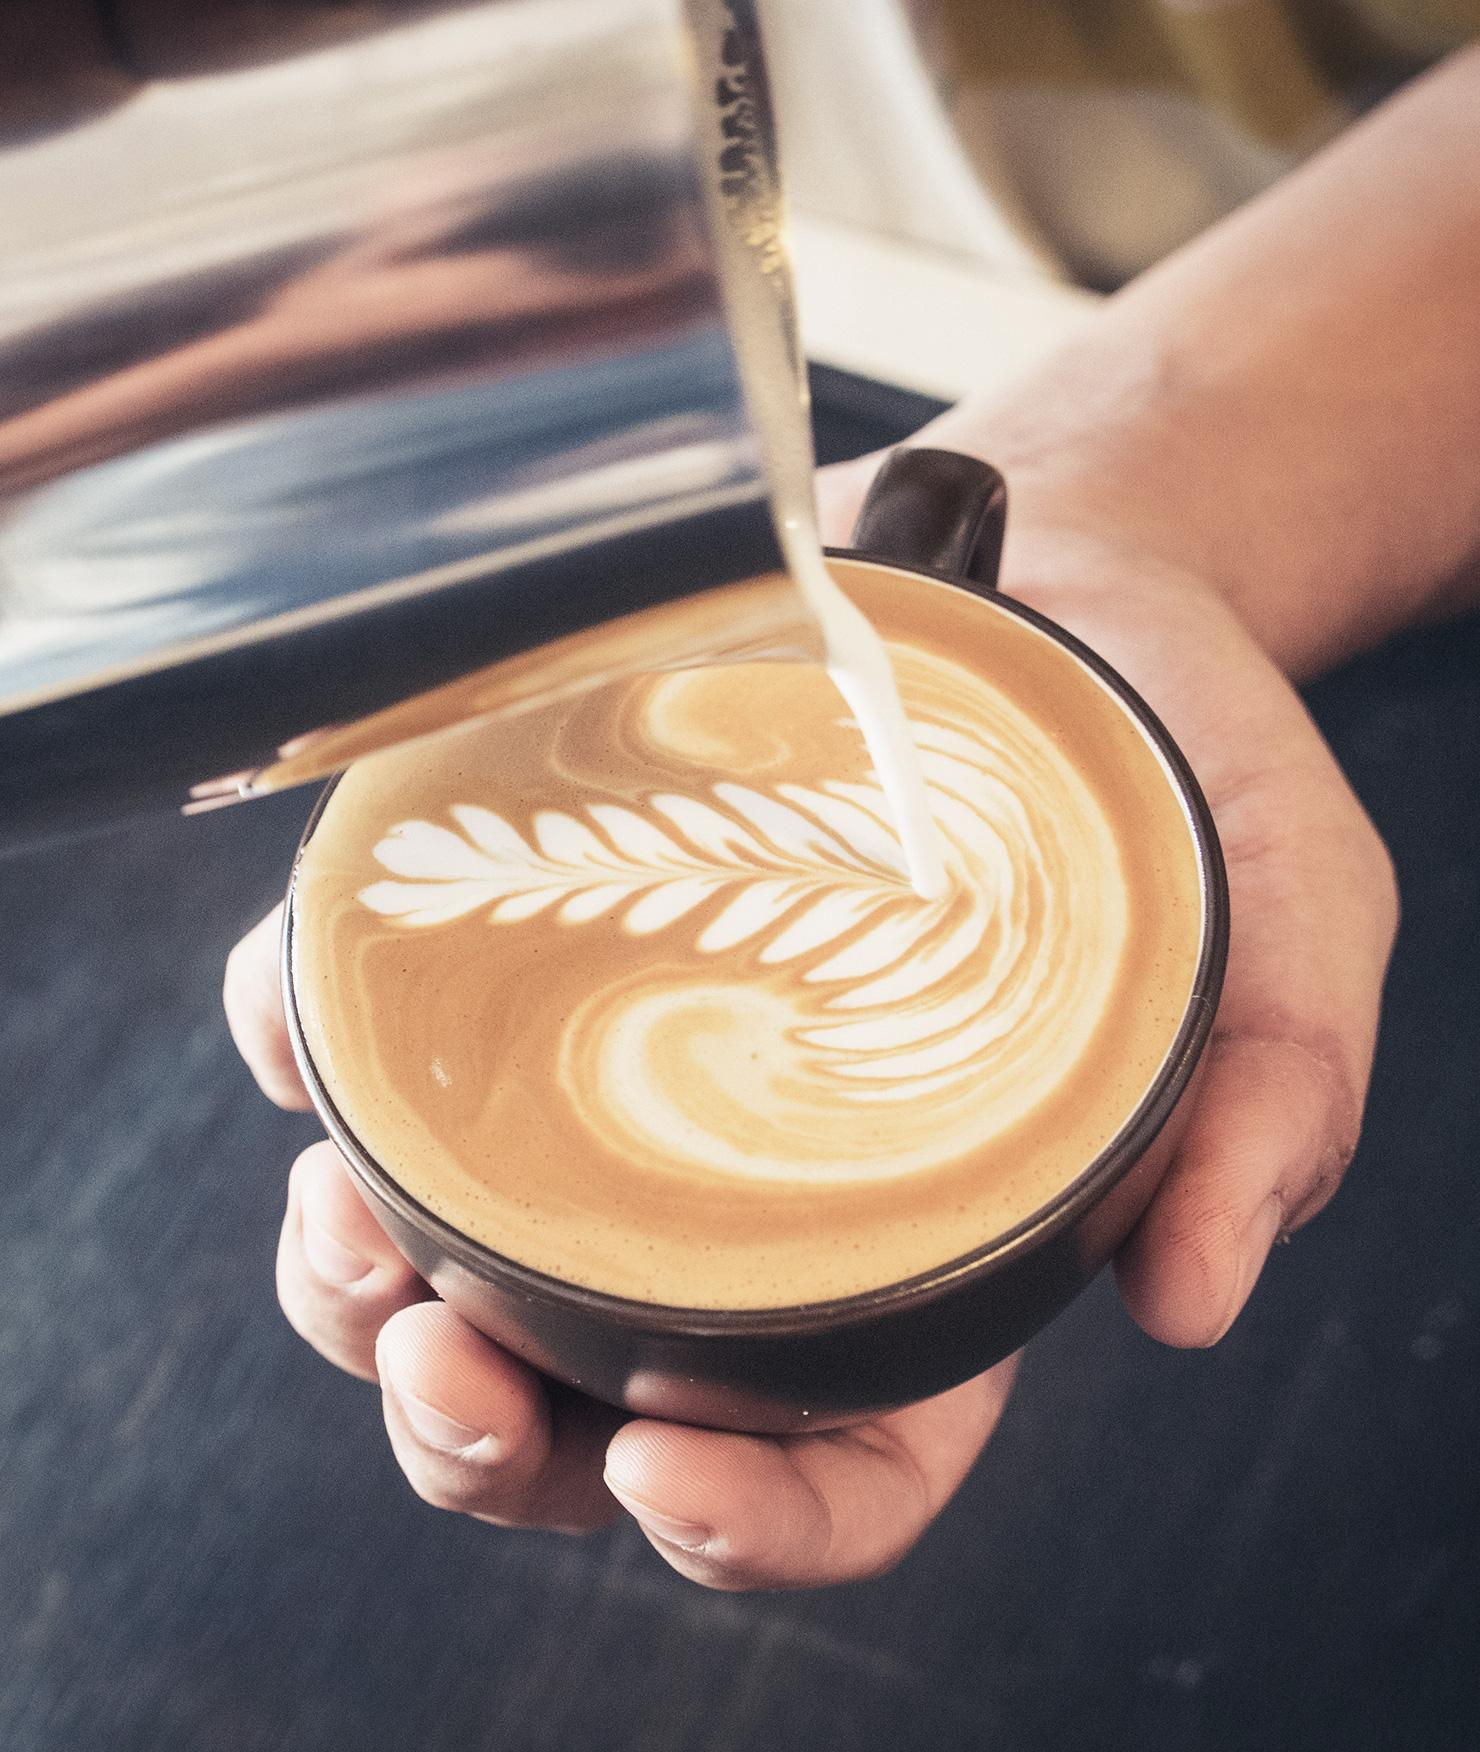 BRITA agua cafetería y panadería crema del café